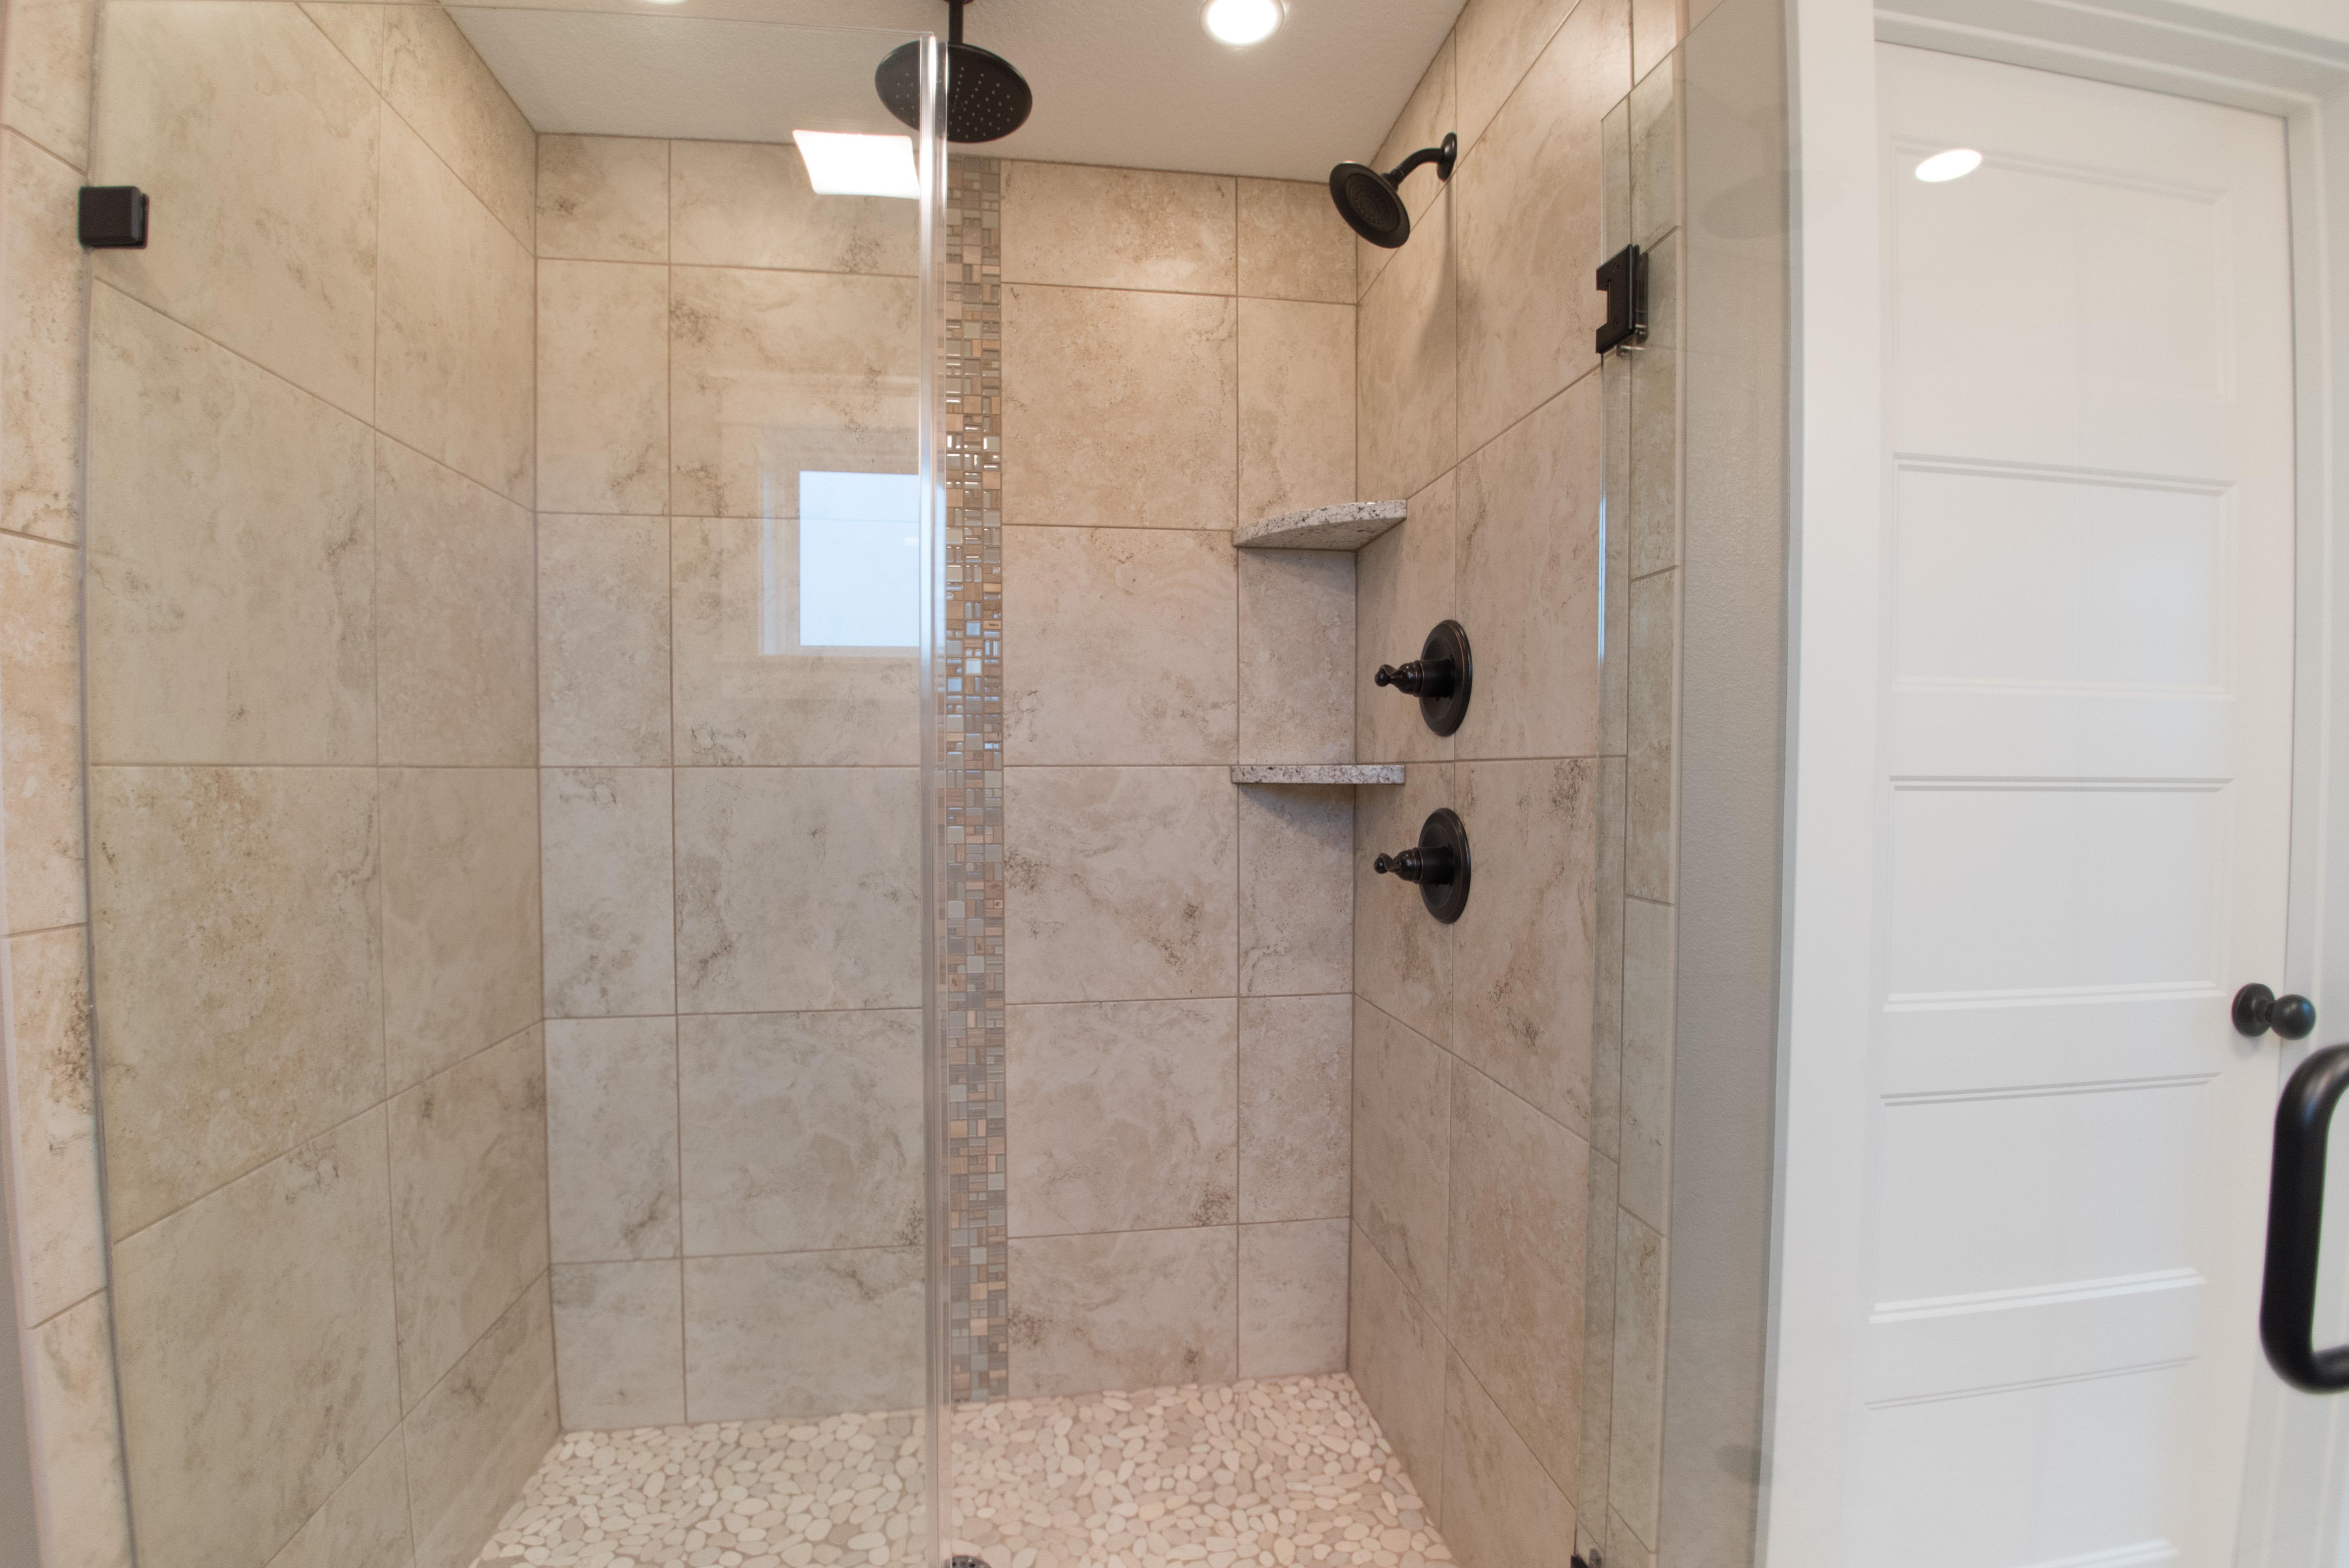 Rosewood Tile Shower